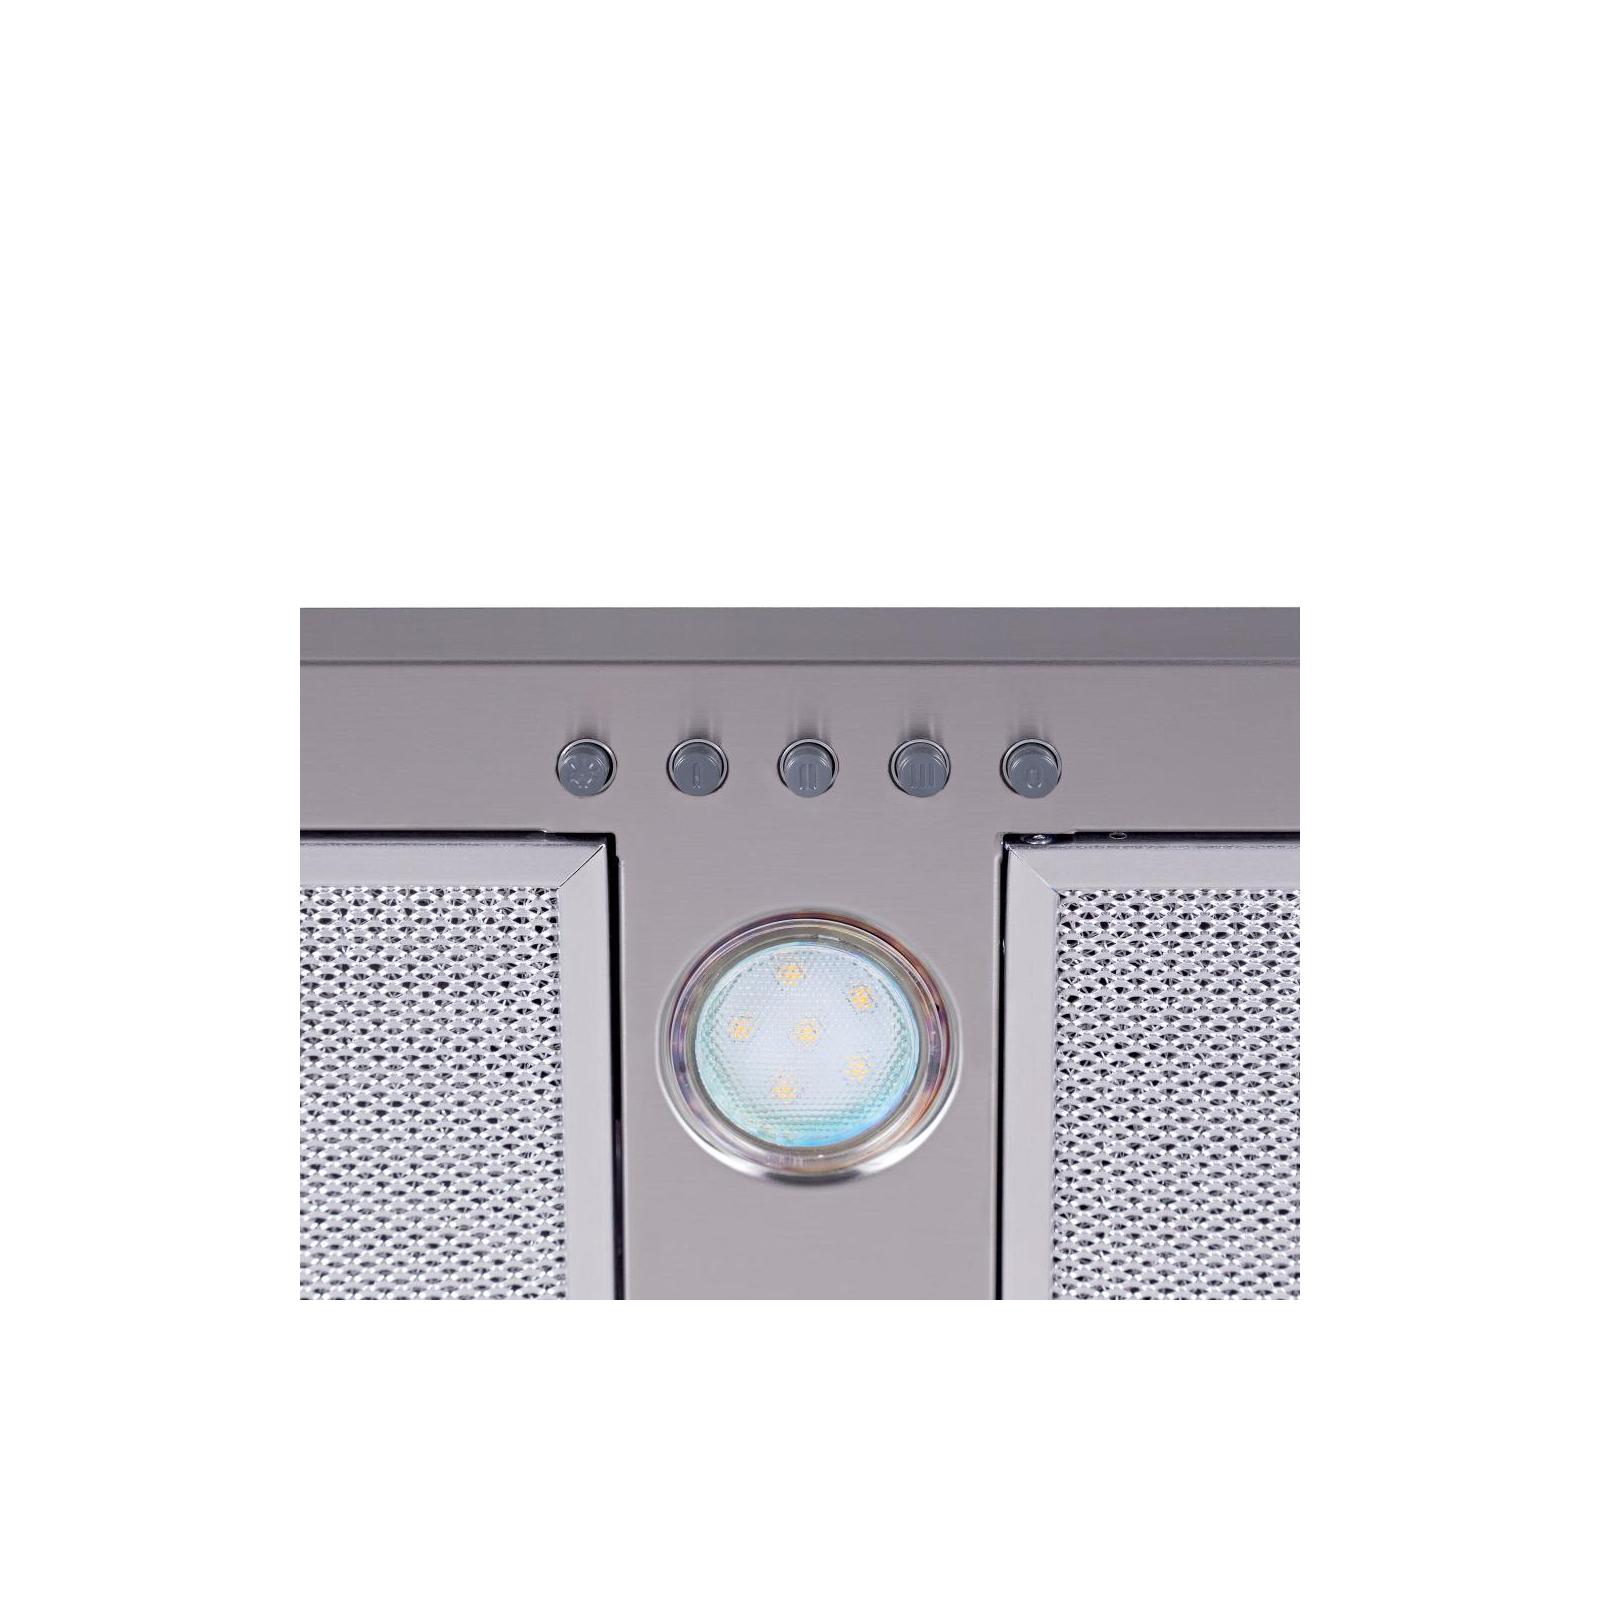 Вытяжка кухонная PERFELLI BI 5512 A 1000 I LED изображение 4